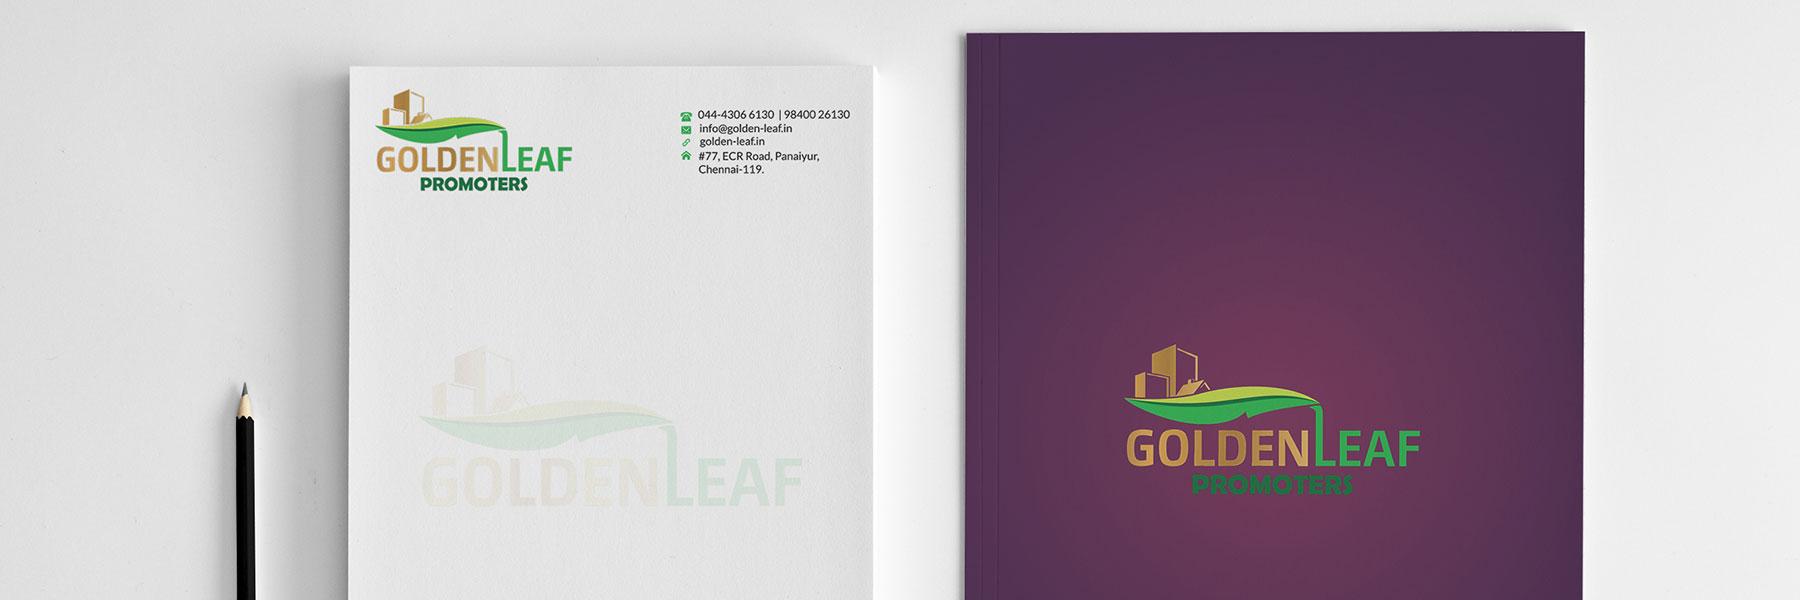 Golden Leaf Promoter